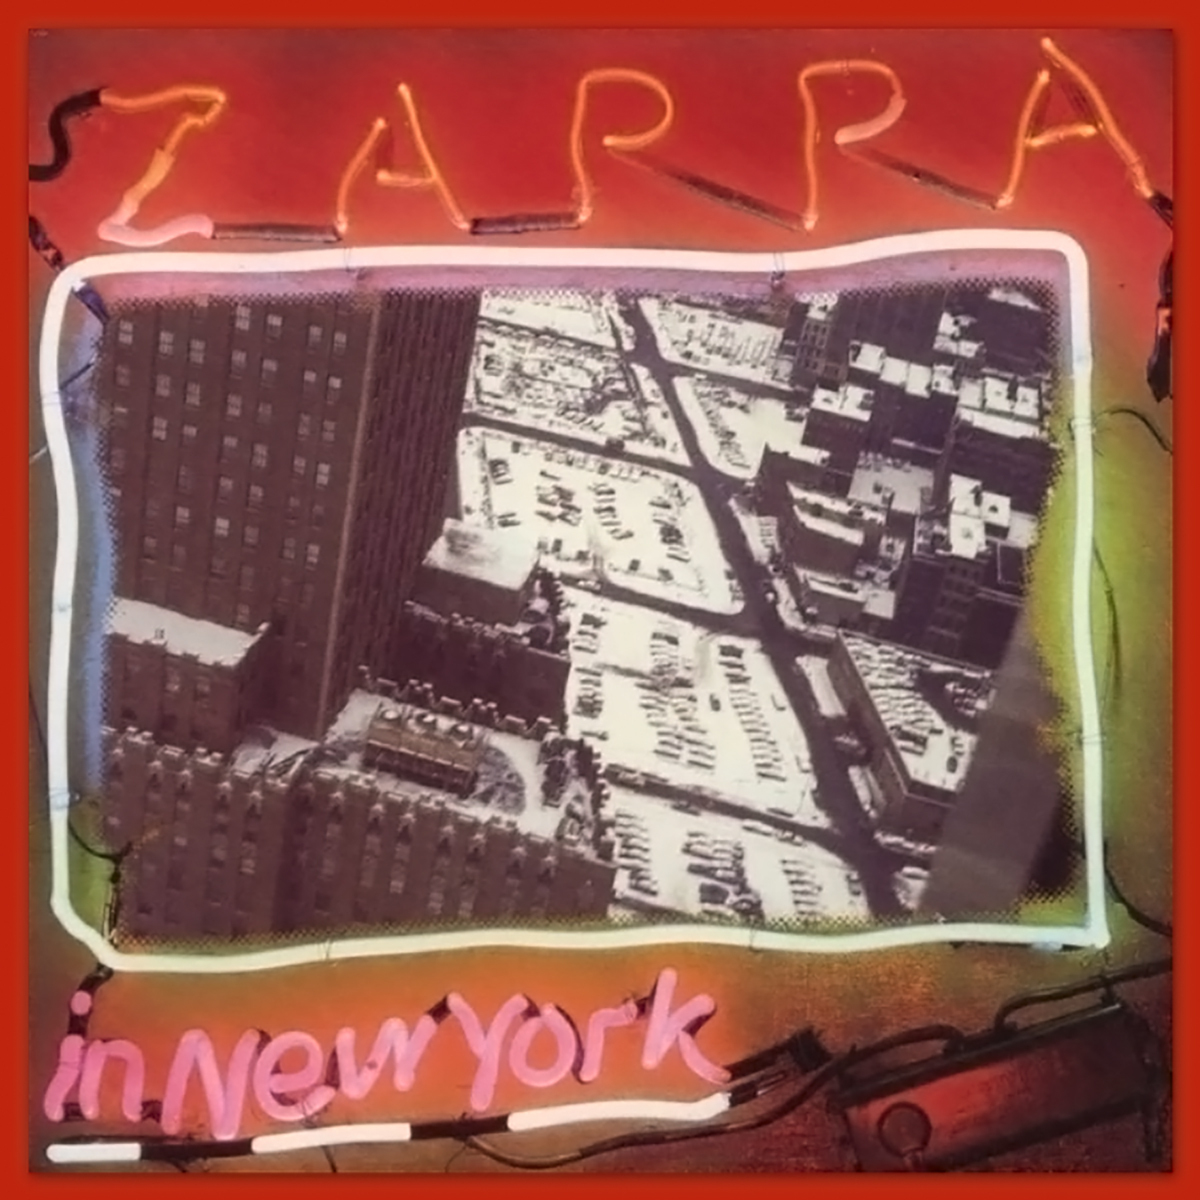 Frank Zappa - Zappa In New York (1976)